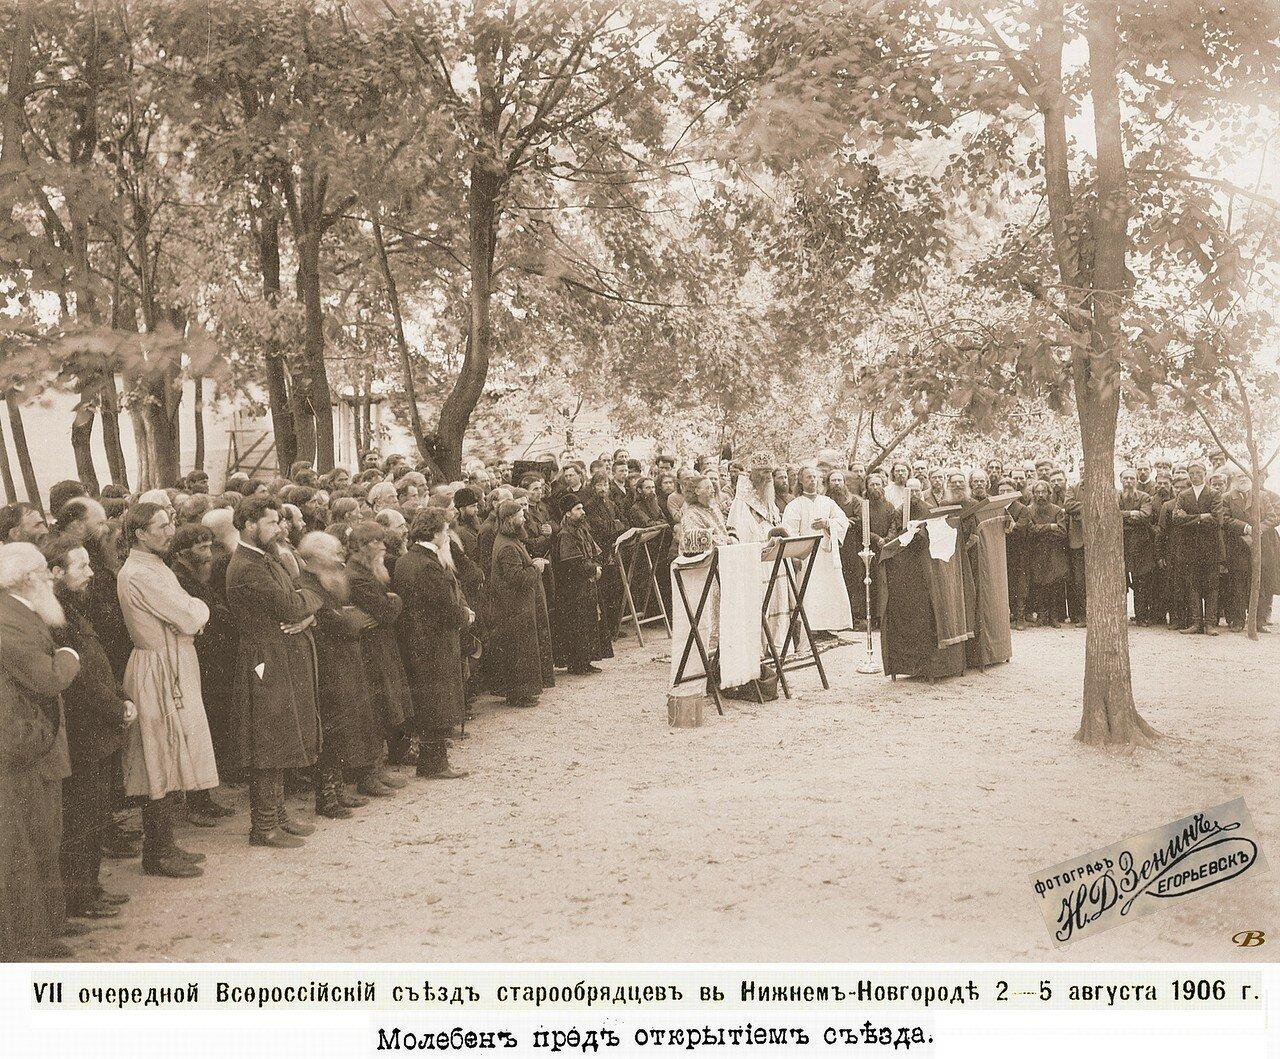 VII очередной всероссийский съезд старообрядцев в Нижнем Новгороде